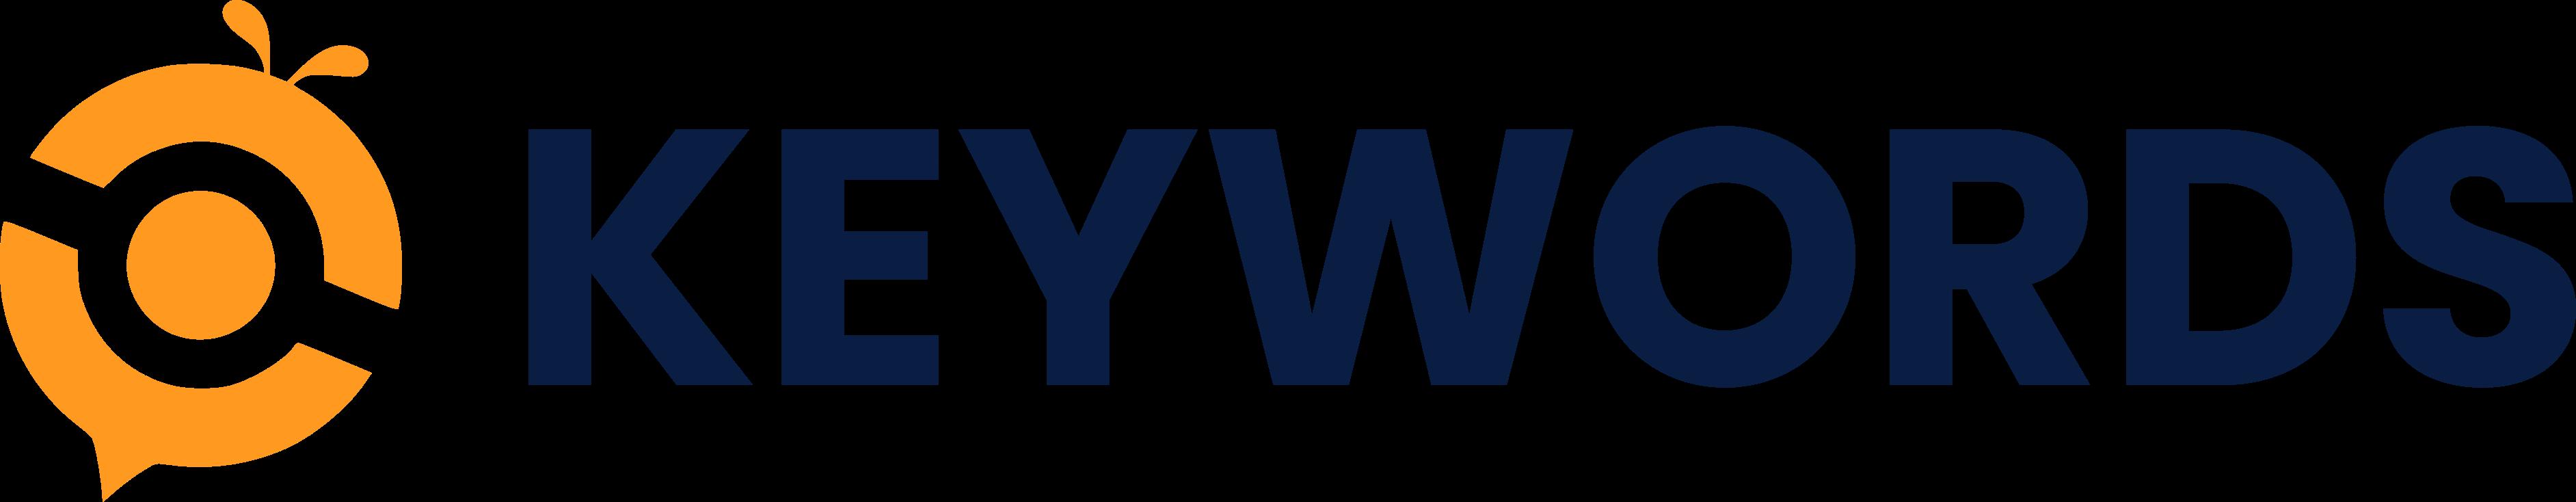 GetKeywords